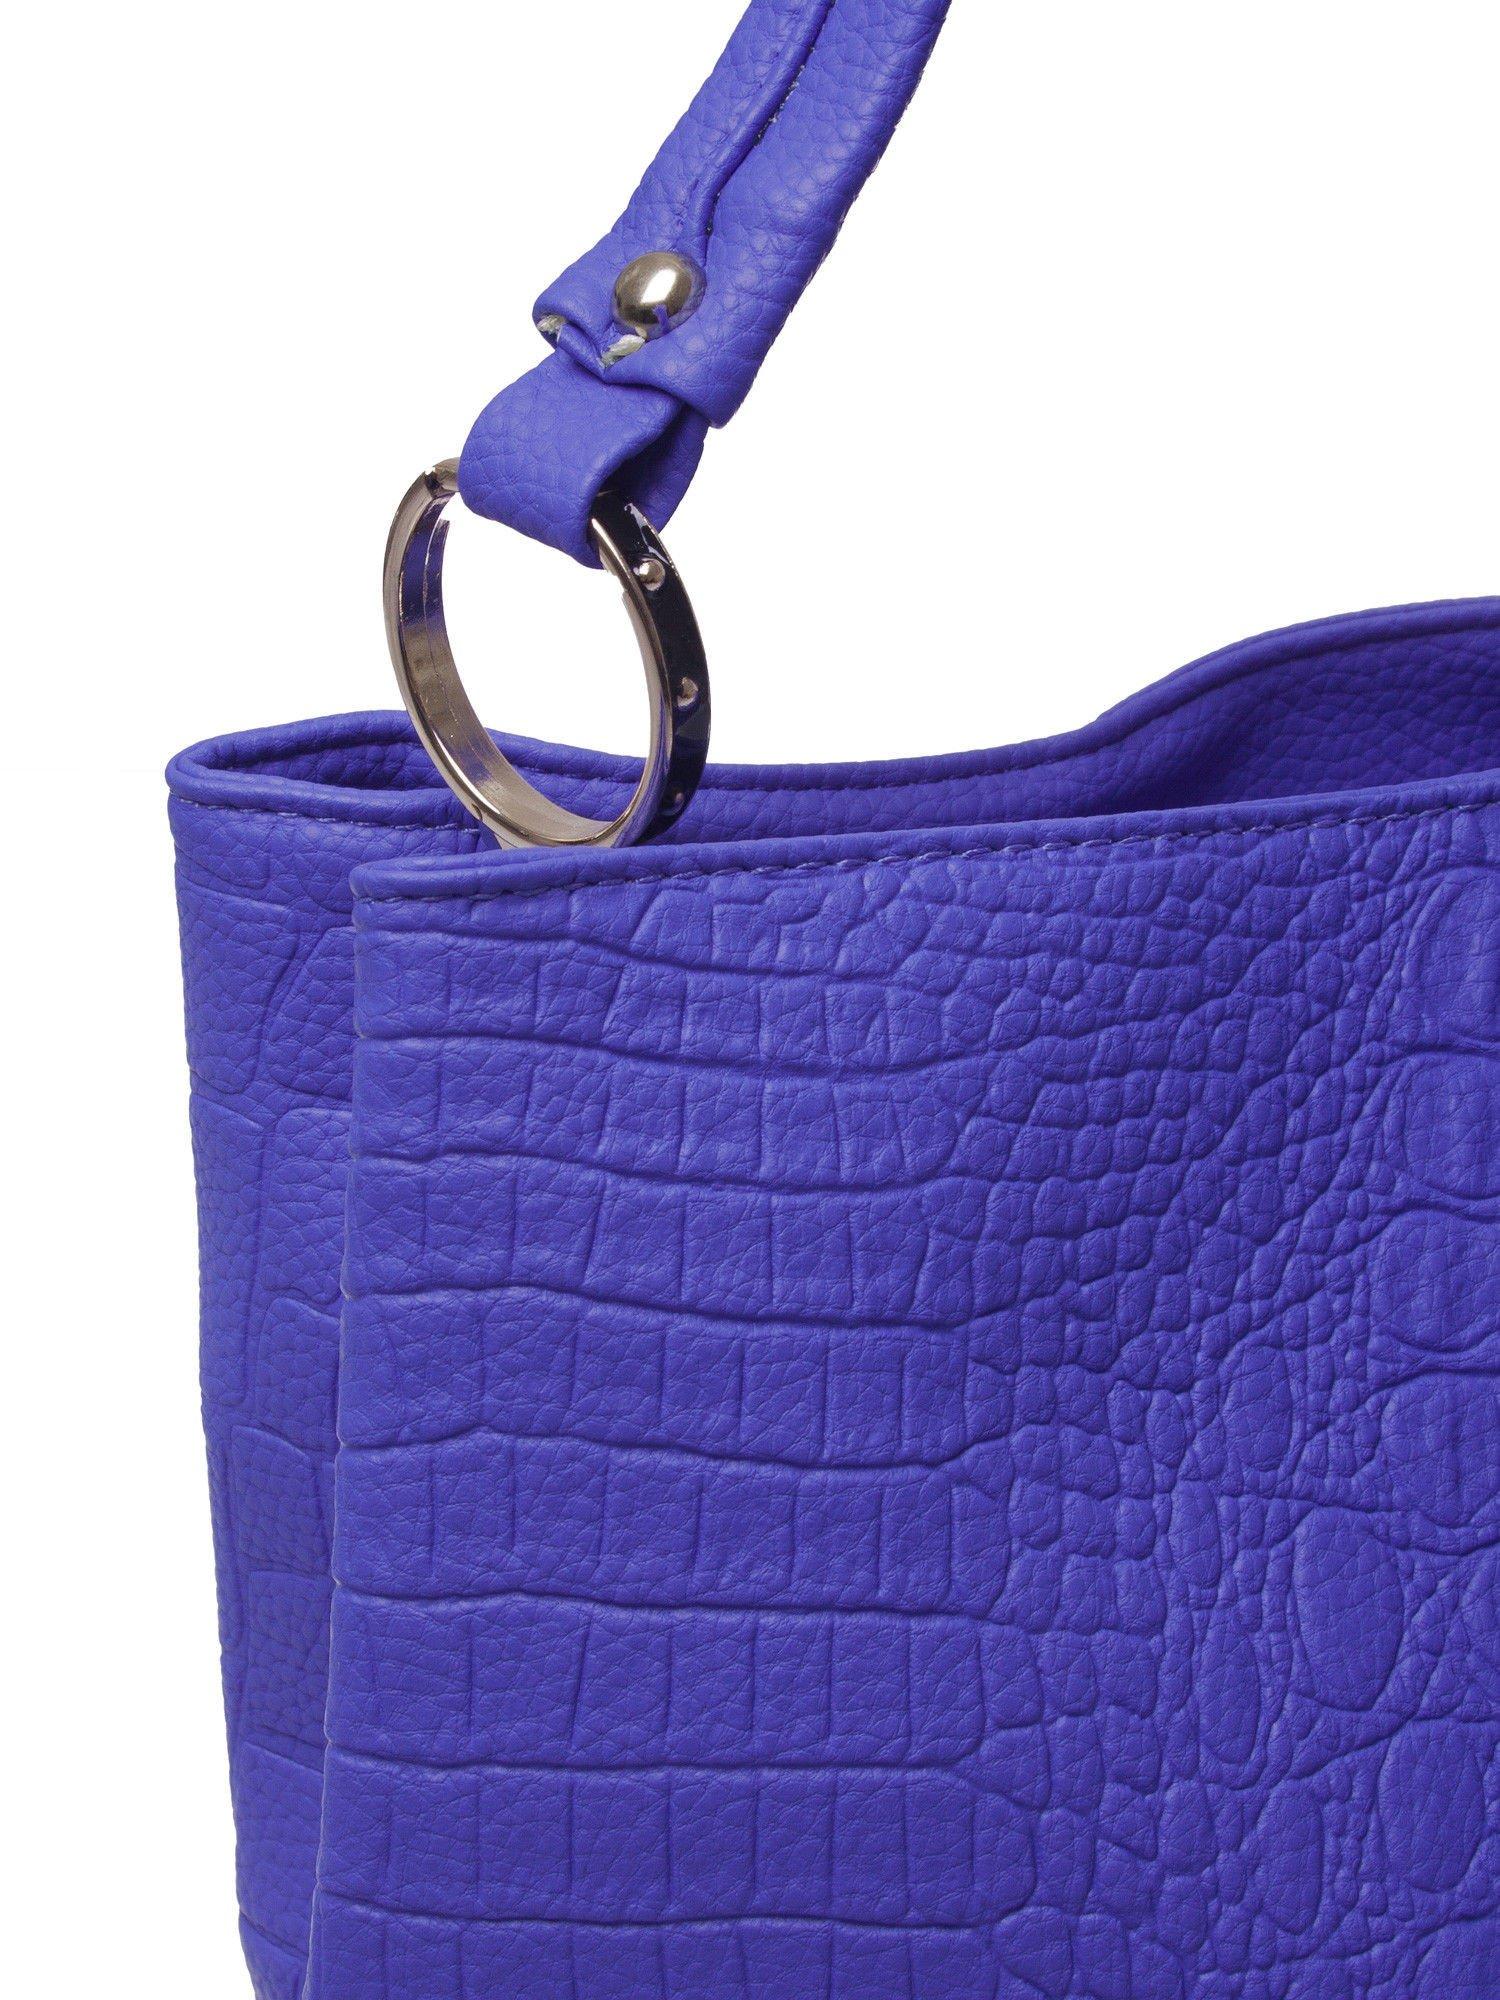 Niebieska torebka na ramię tłoczona na wzór skóry krokodyla                                  zdj.                                  3